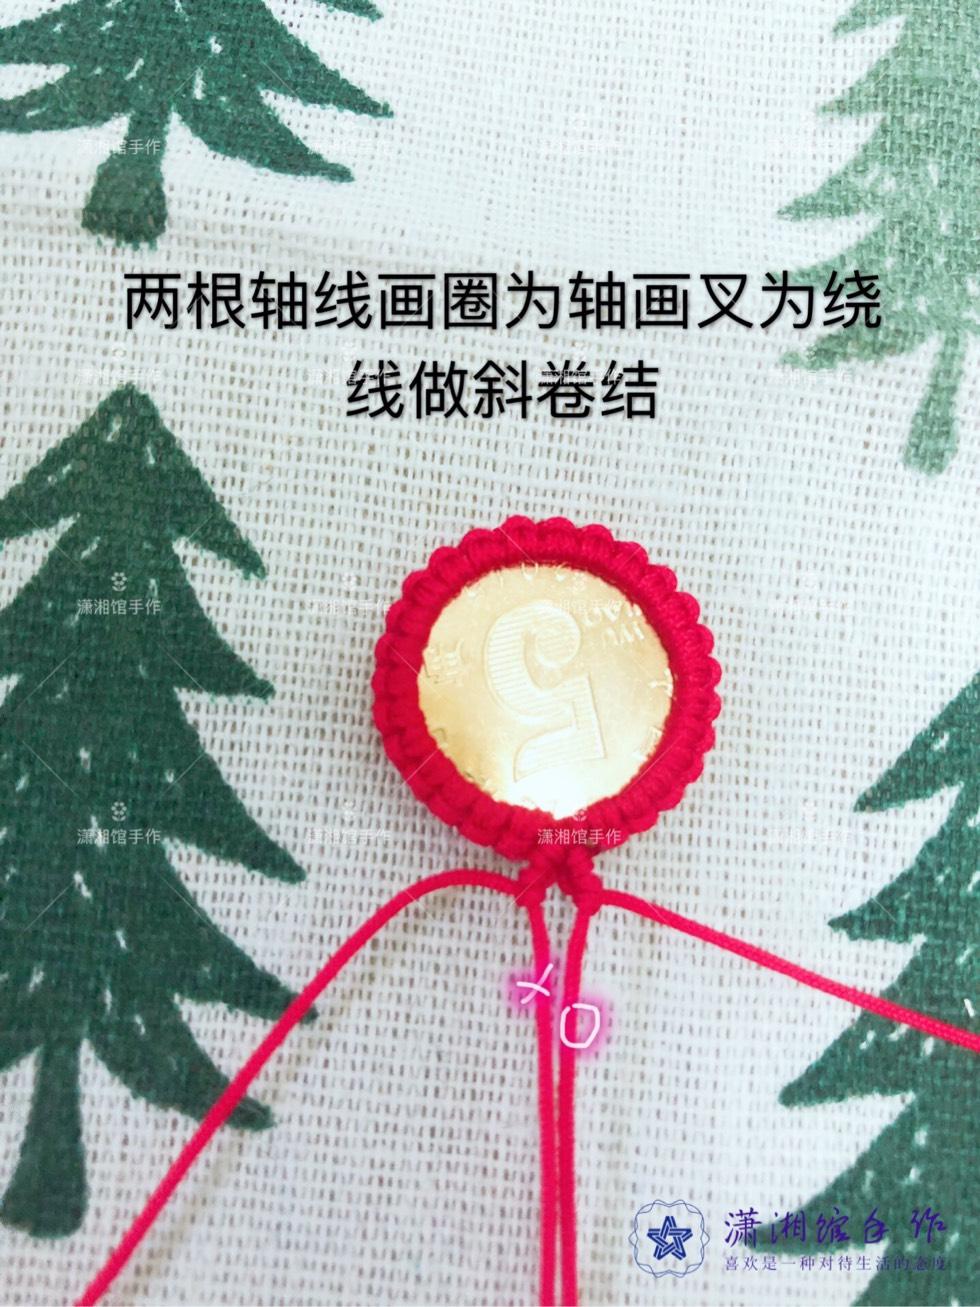 中国结论坛 硬币挂件天使翅膀钥匙扣教程  图文教程区 170109zmmmyegxl9ahmxas